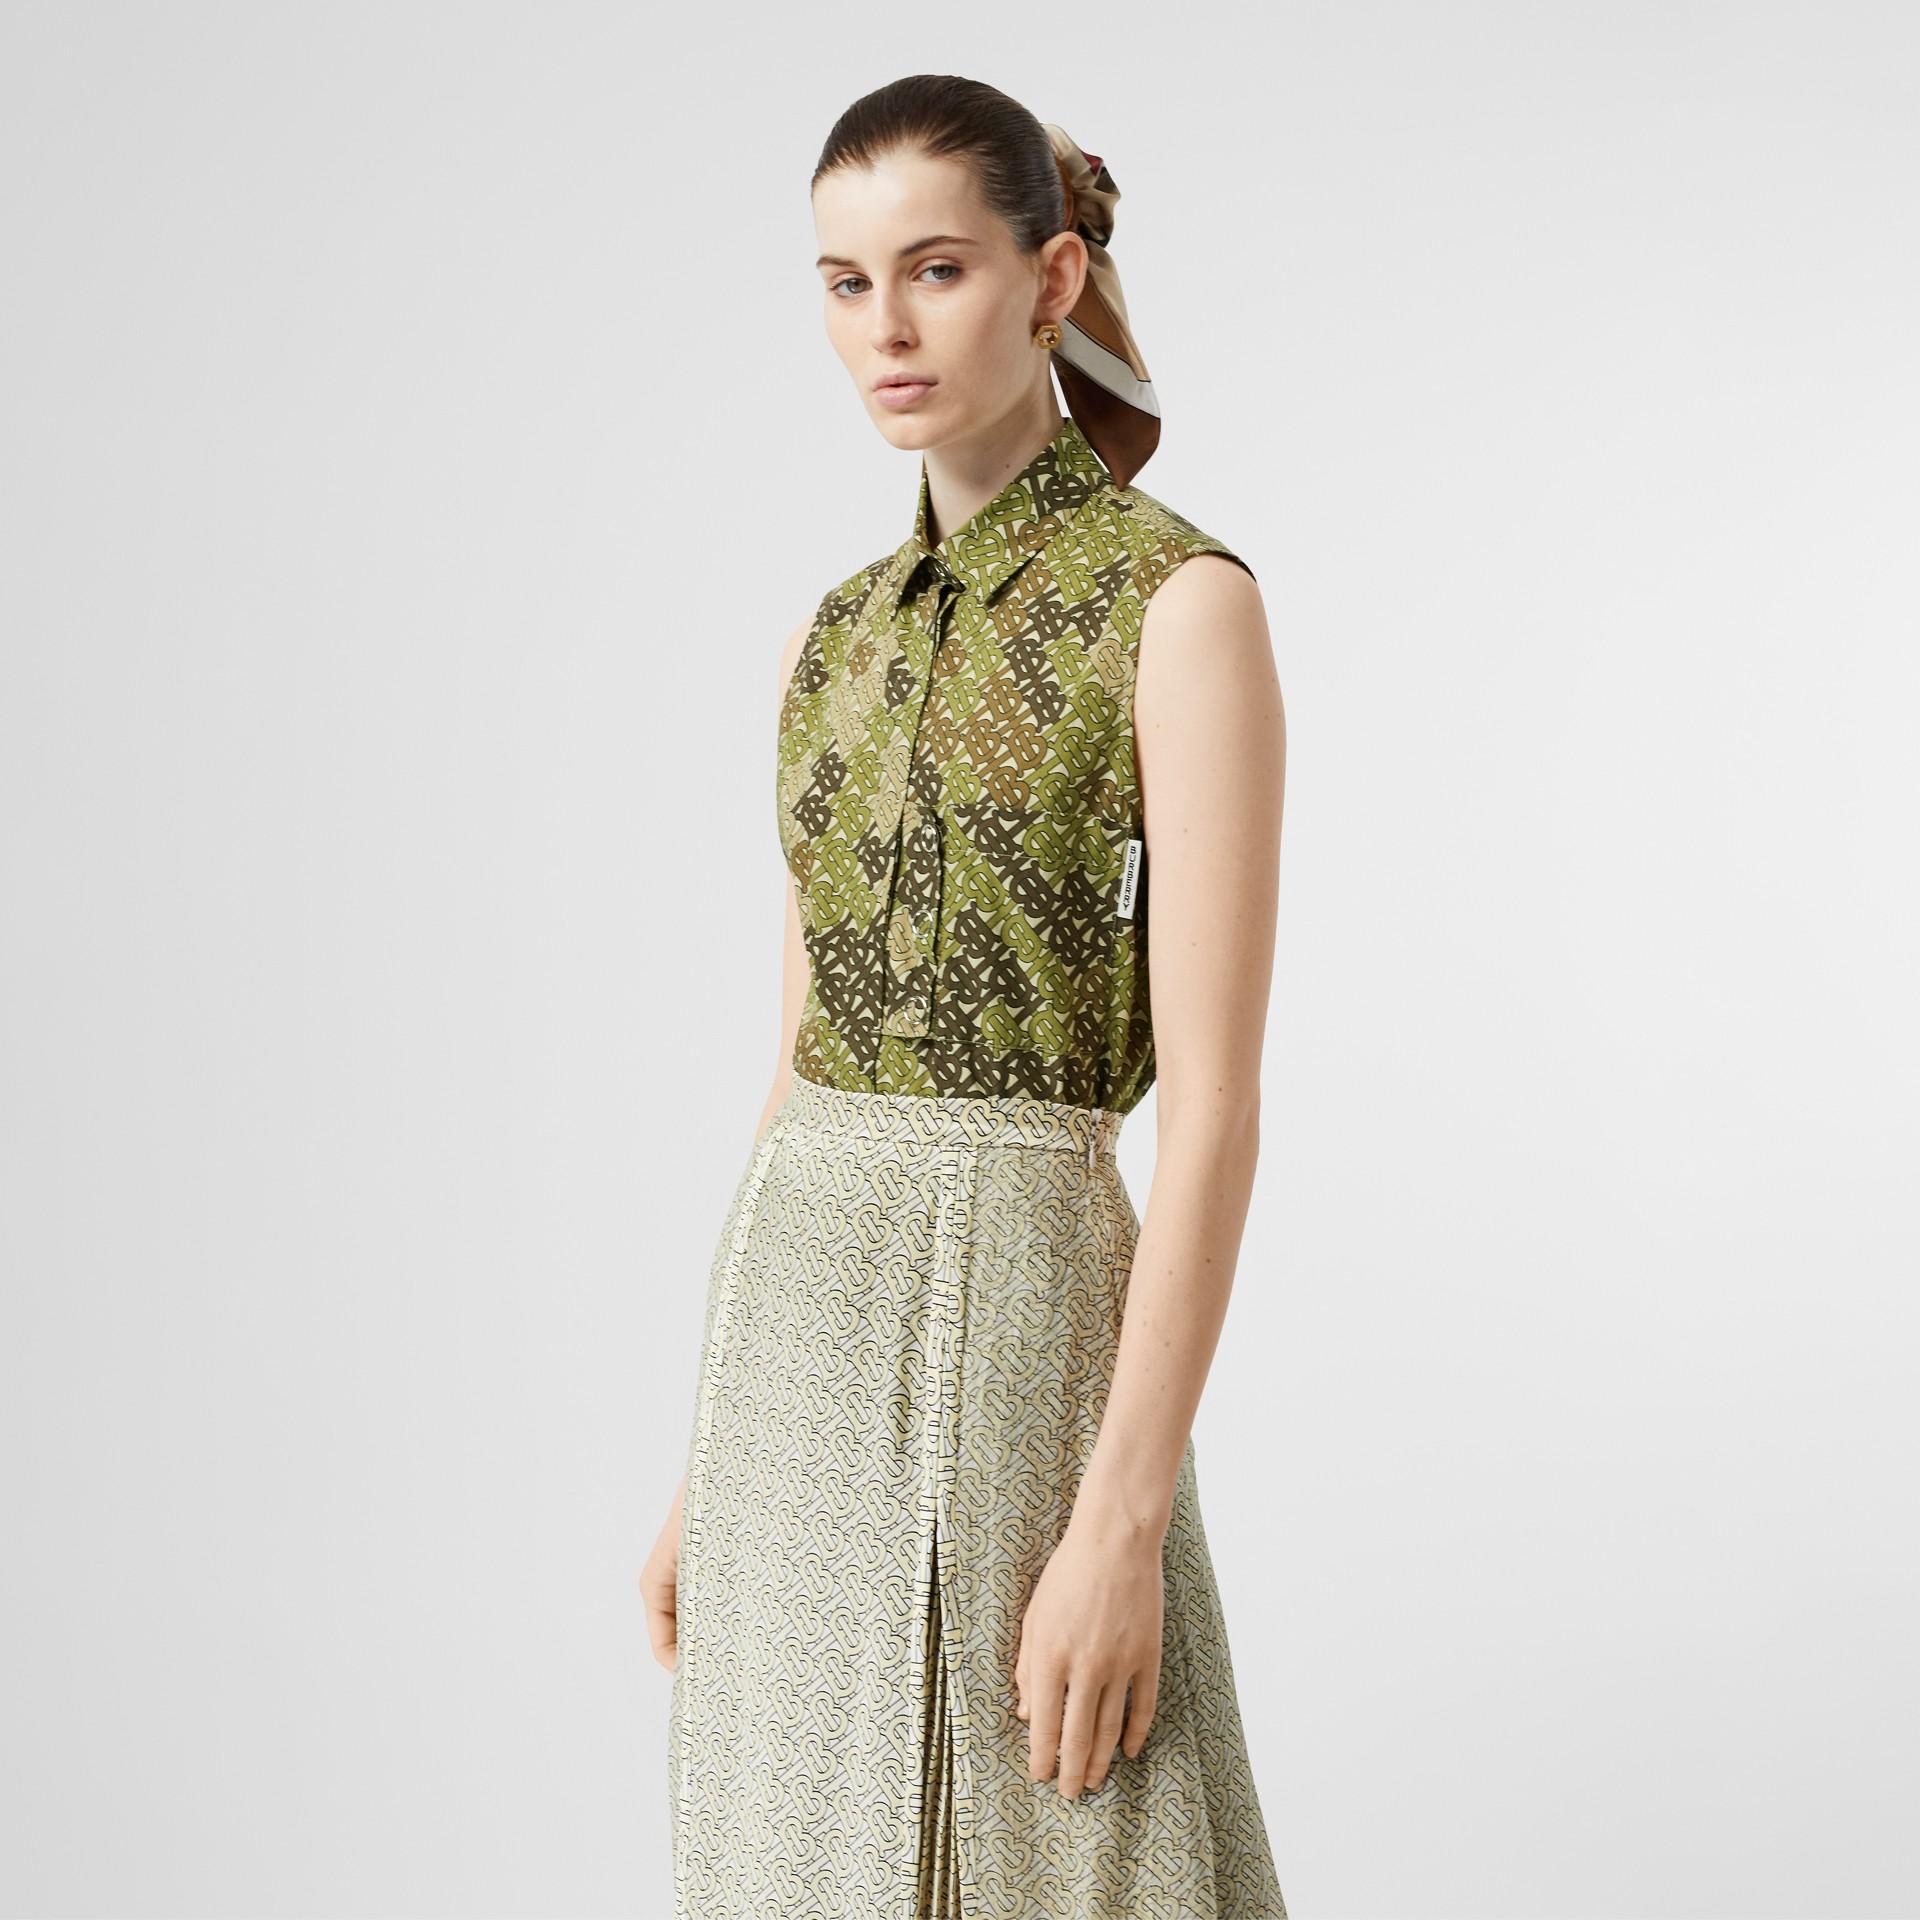 슬리브리스 모노그램 프린트 코튼 포플린 오버사이즈 셔츠 (카키 그린) - 여성 | Burberry - 갤러리 이미지 4